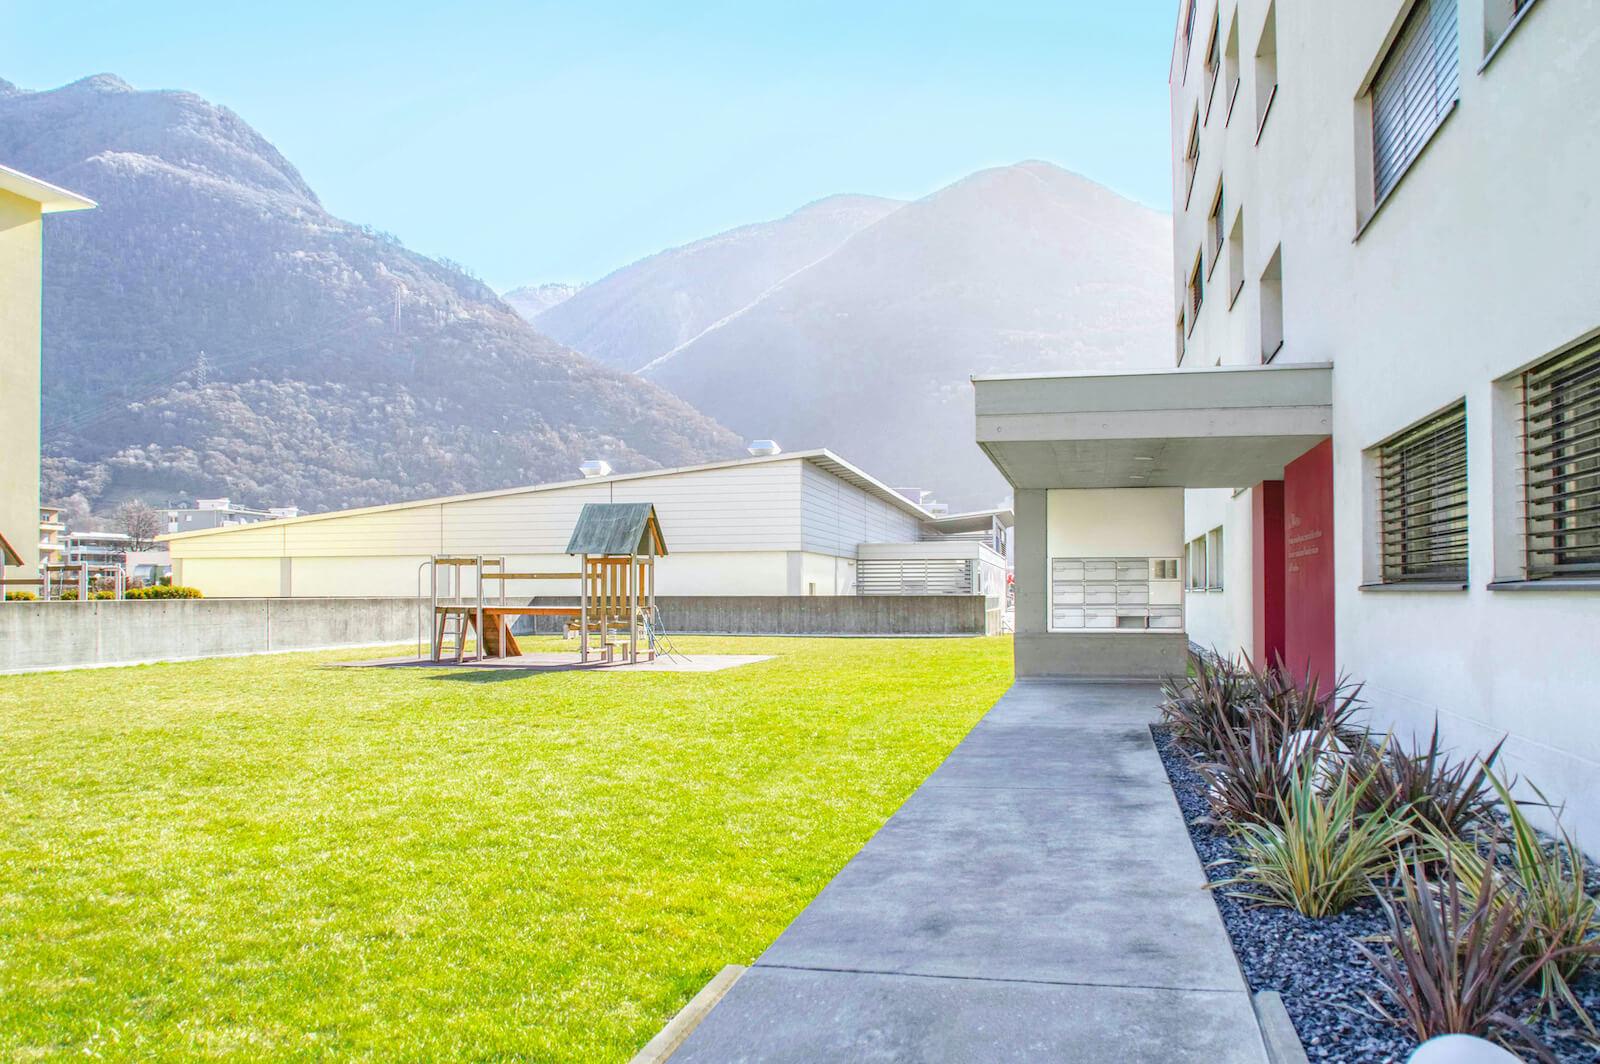 snb-immobiliare-residenza-fovea-004